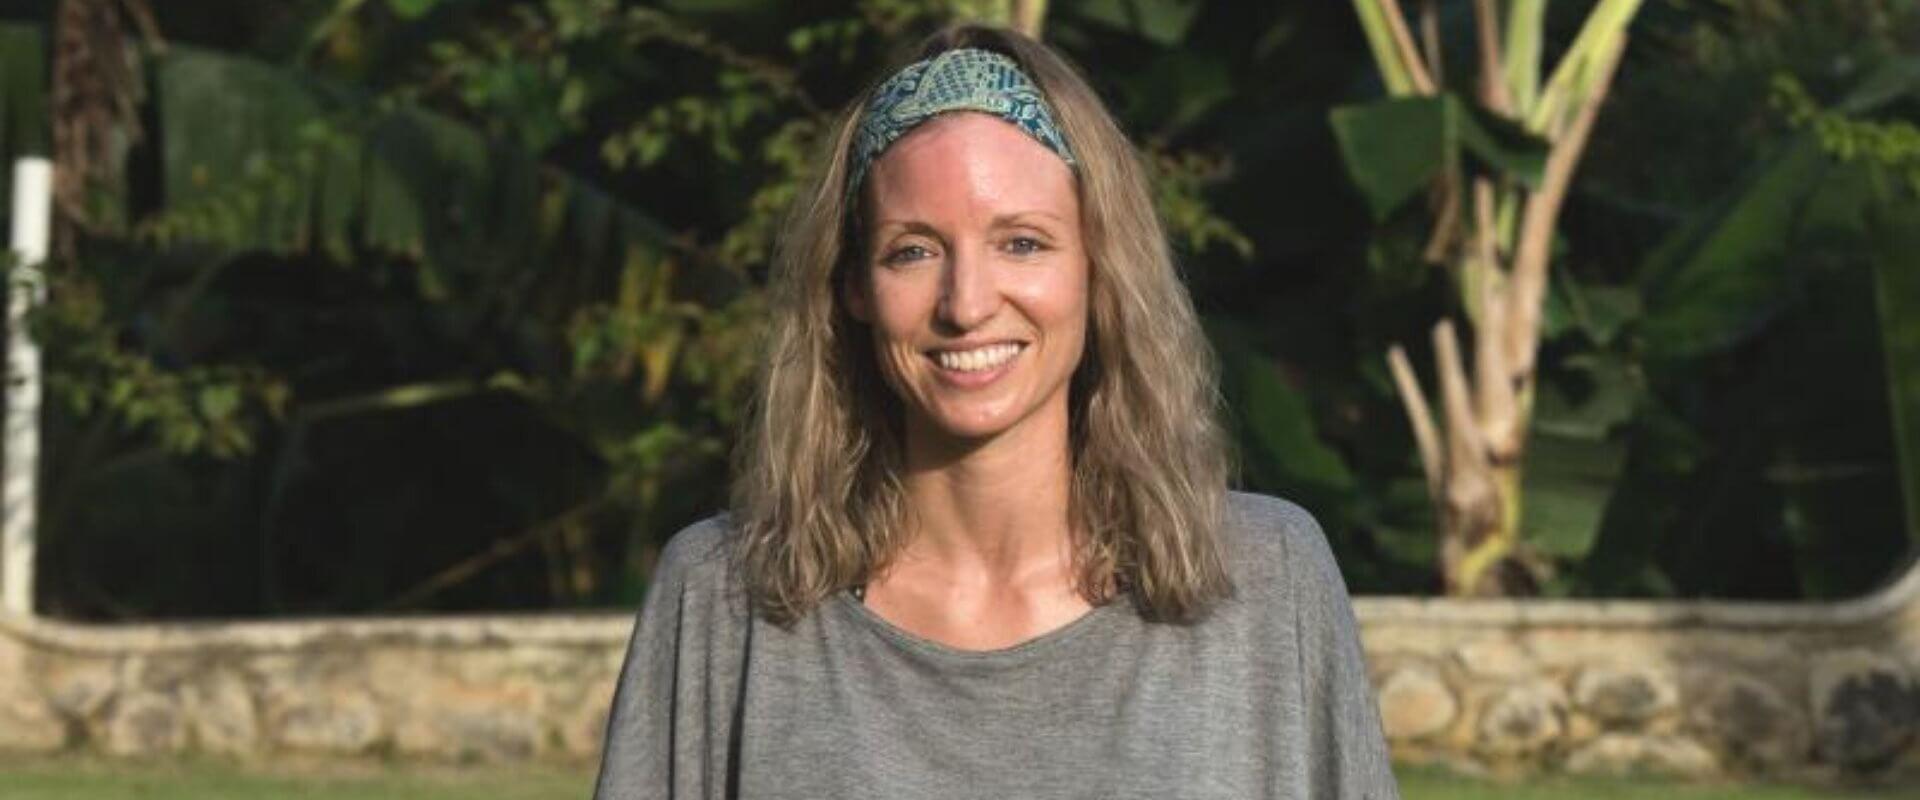 Hormon Yoga - die natürliche Alternative zur Hormonersatztherapie